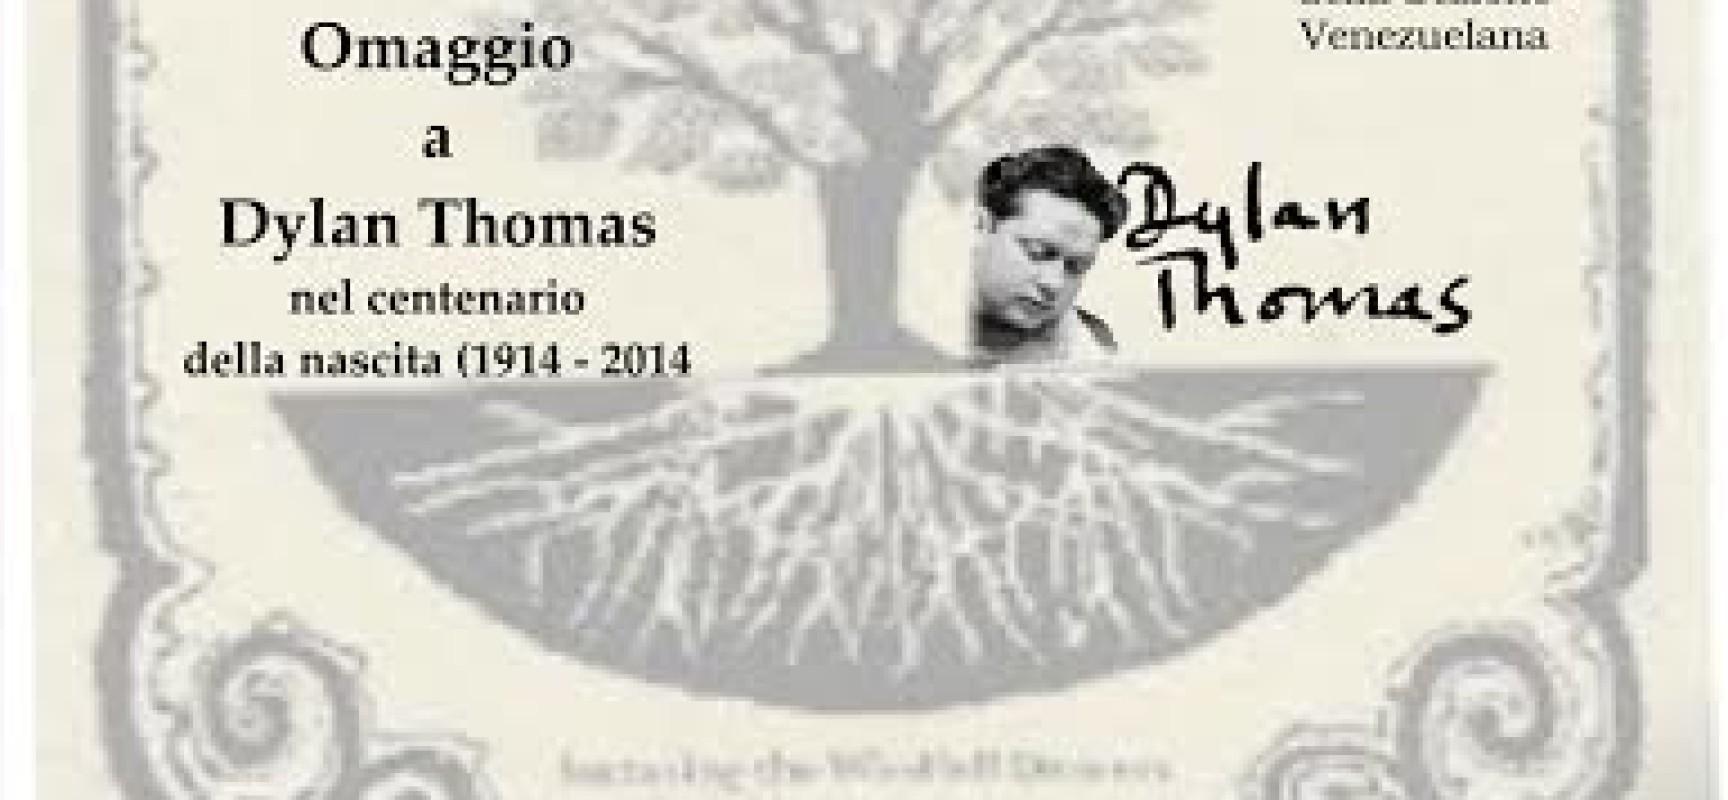 Biblioteca Nazionale viaggio nella cultura: dal Radiodramma di  Dylan Thomas a Isa Danieli che racconta Eduardo